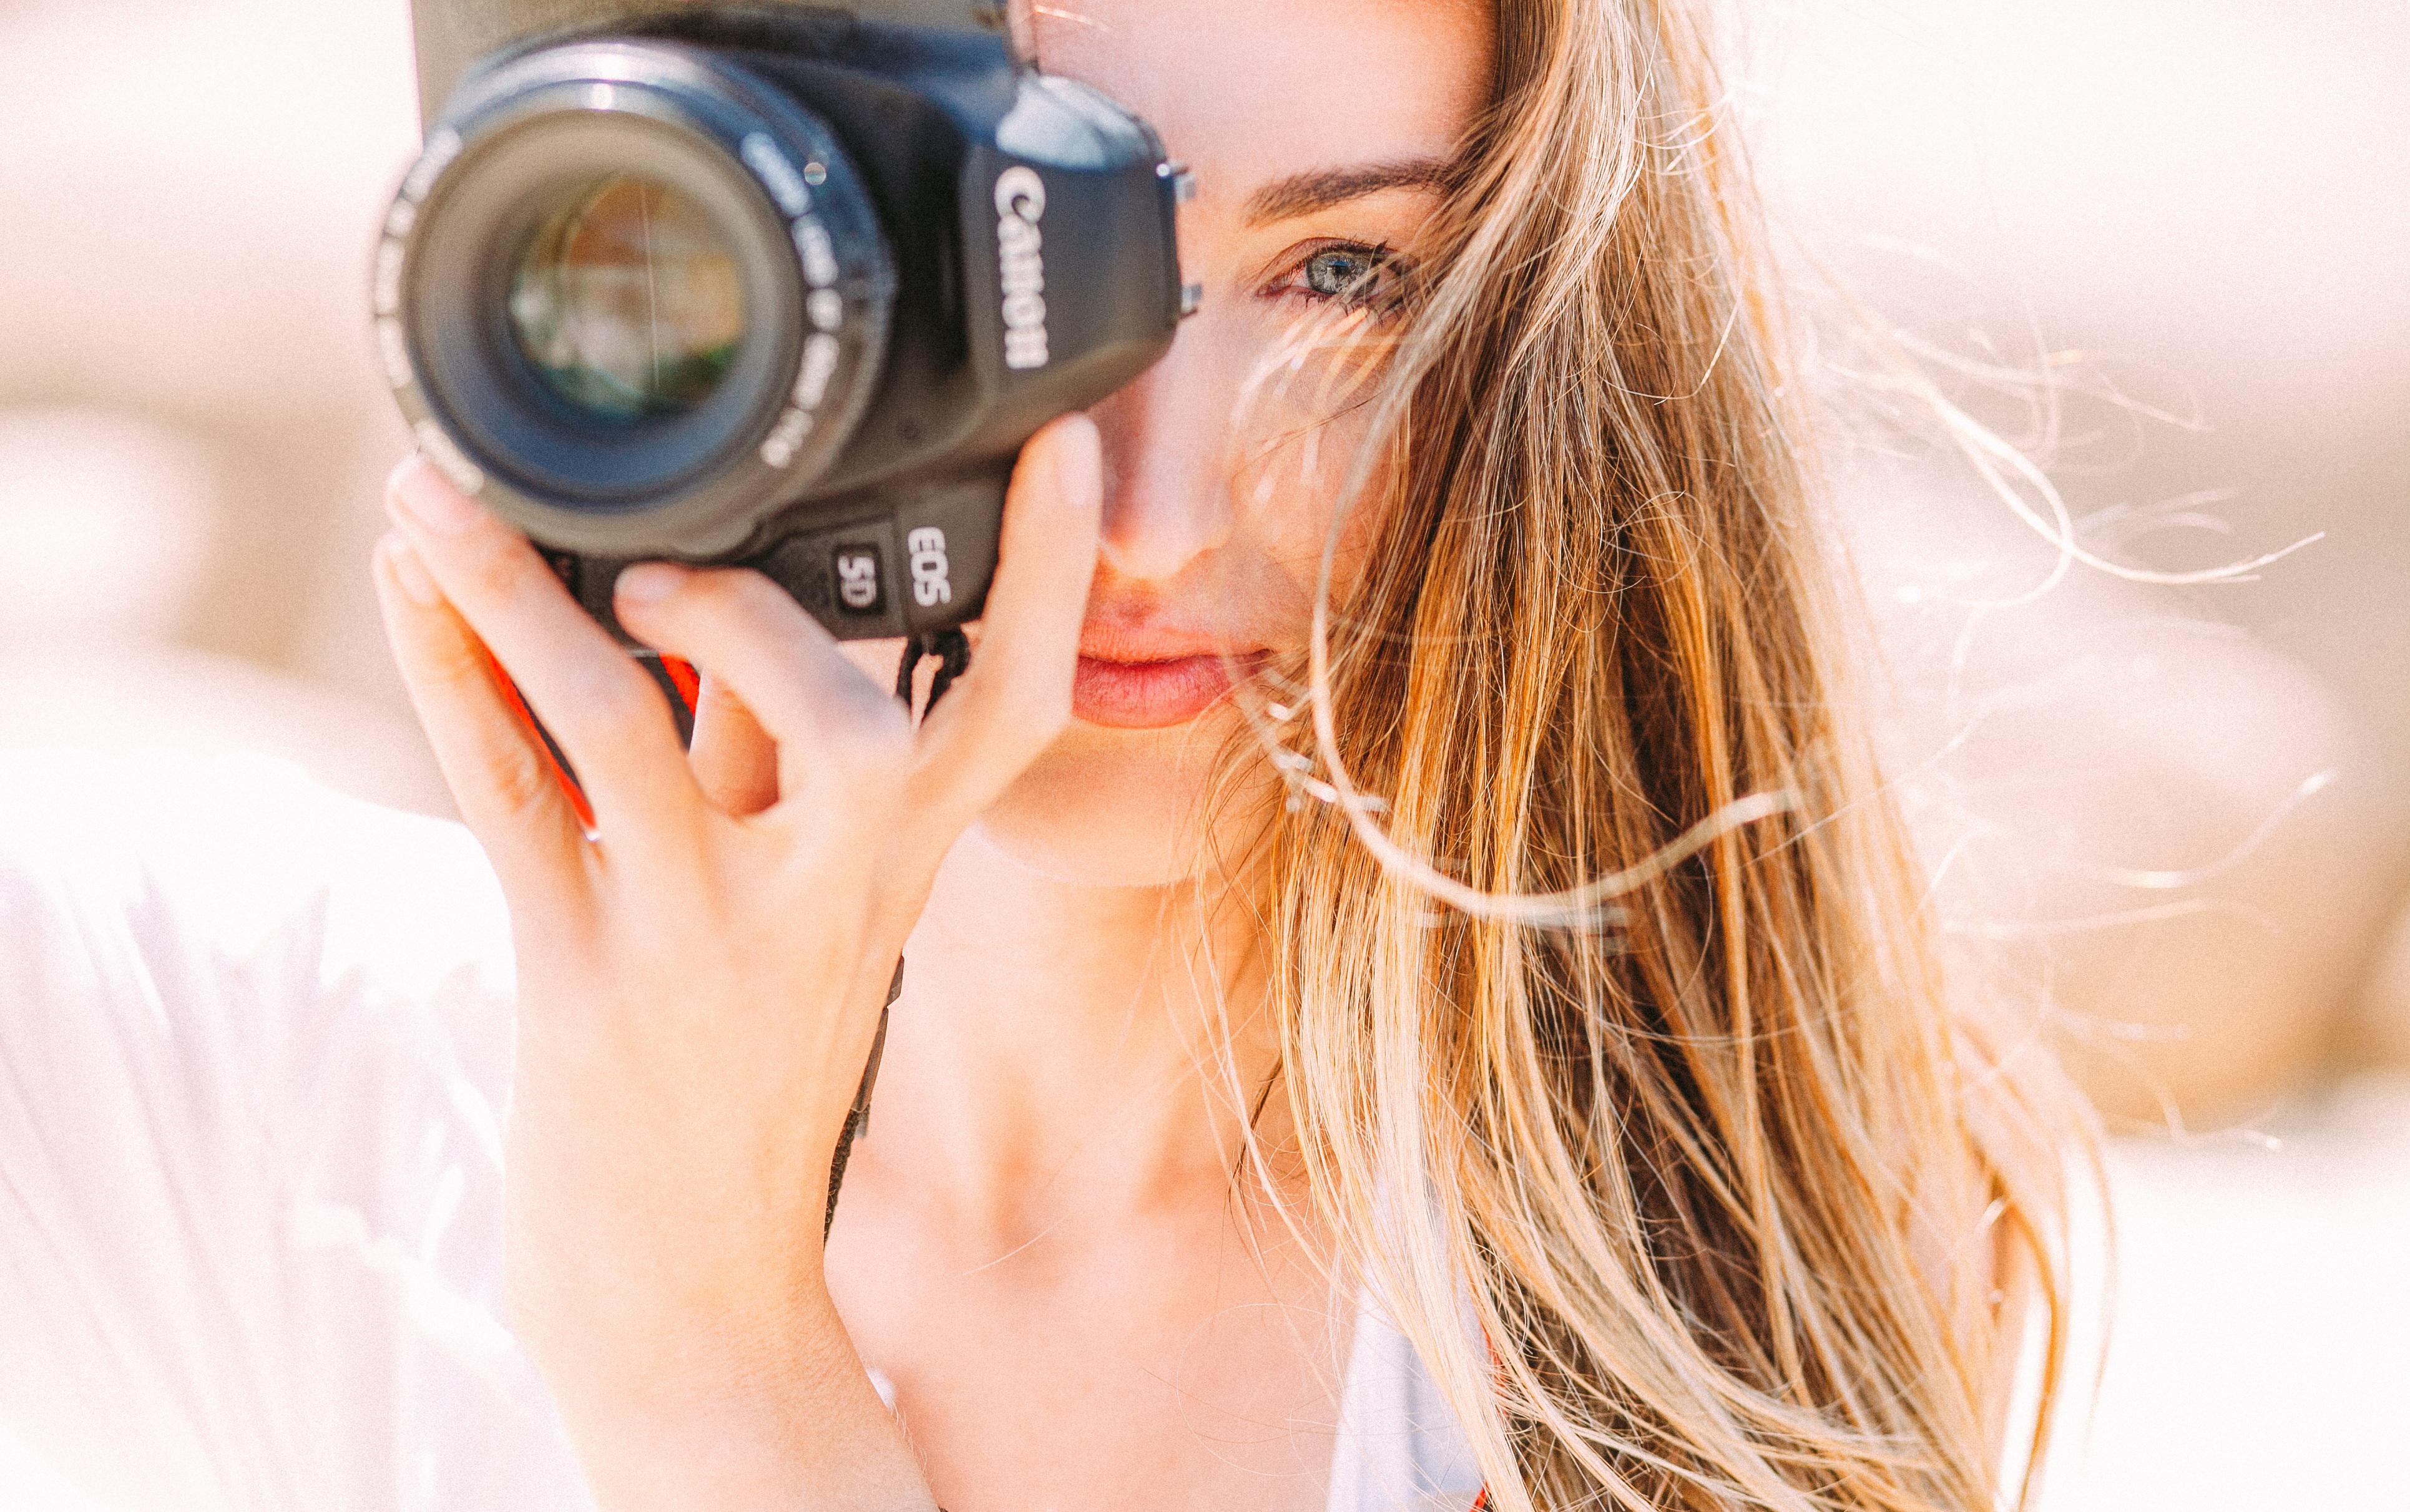 Sobre Andréia Dalpasquale - Ensaios Fotográficos em Santa Catarina